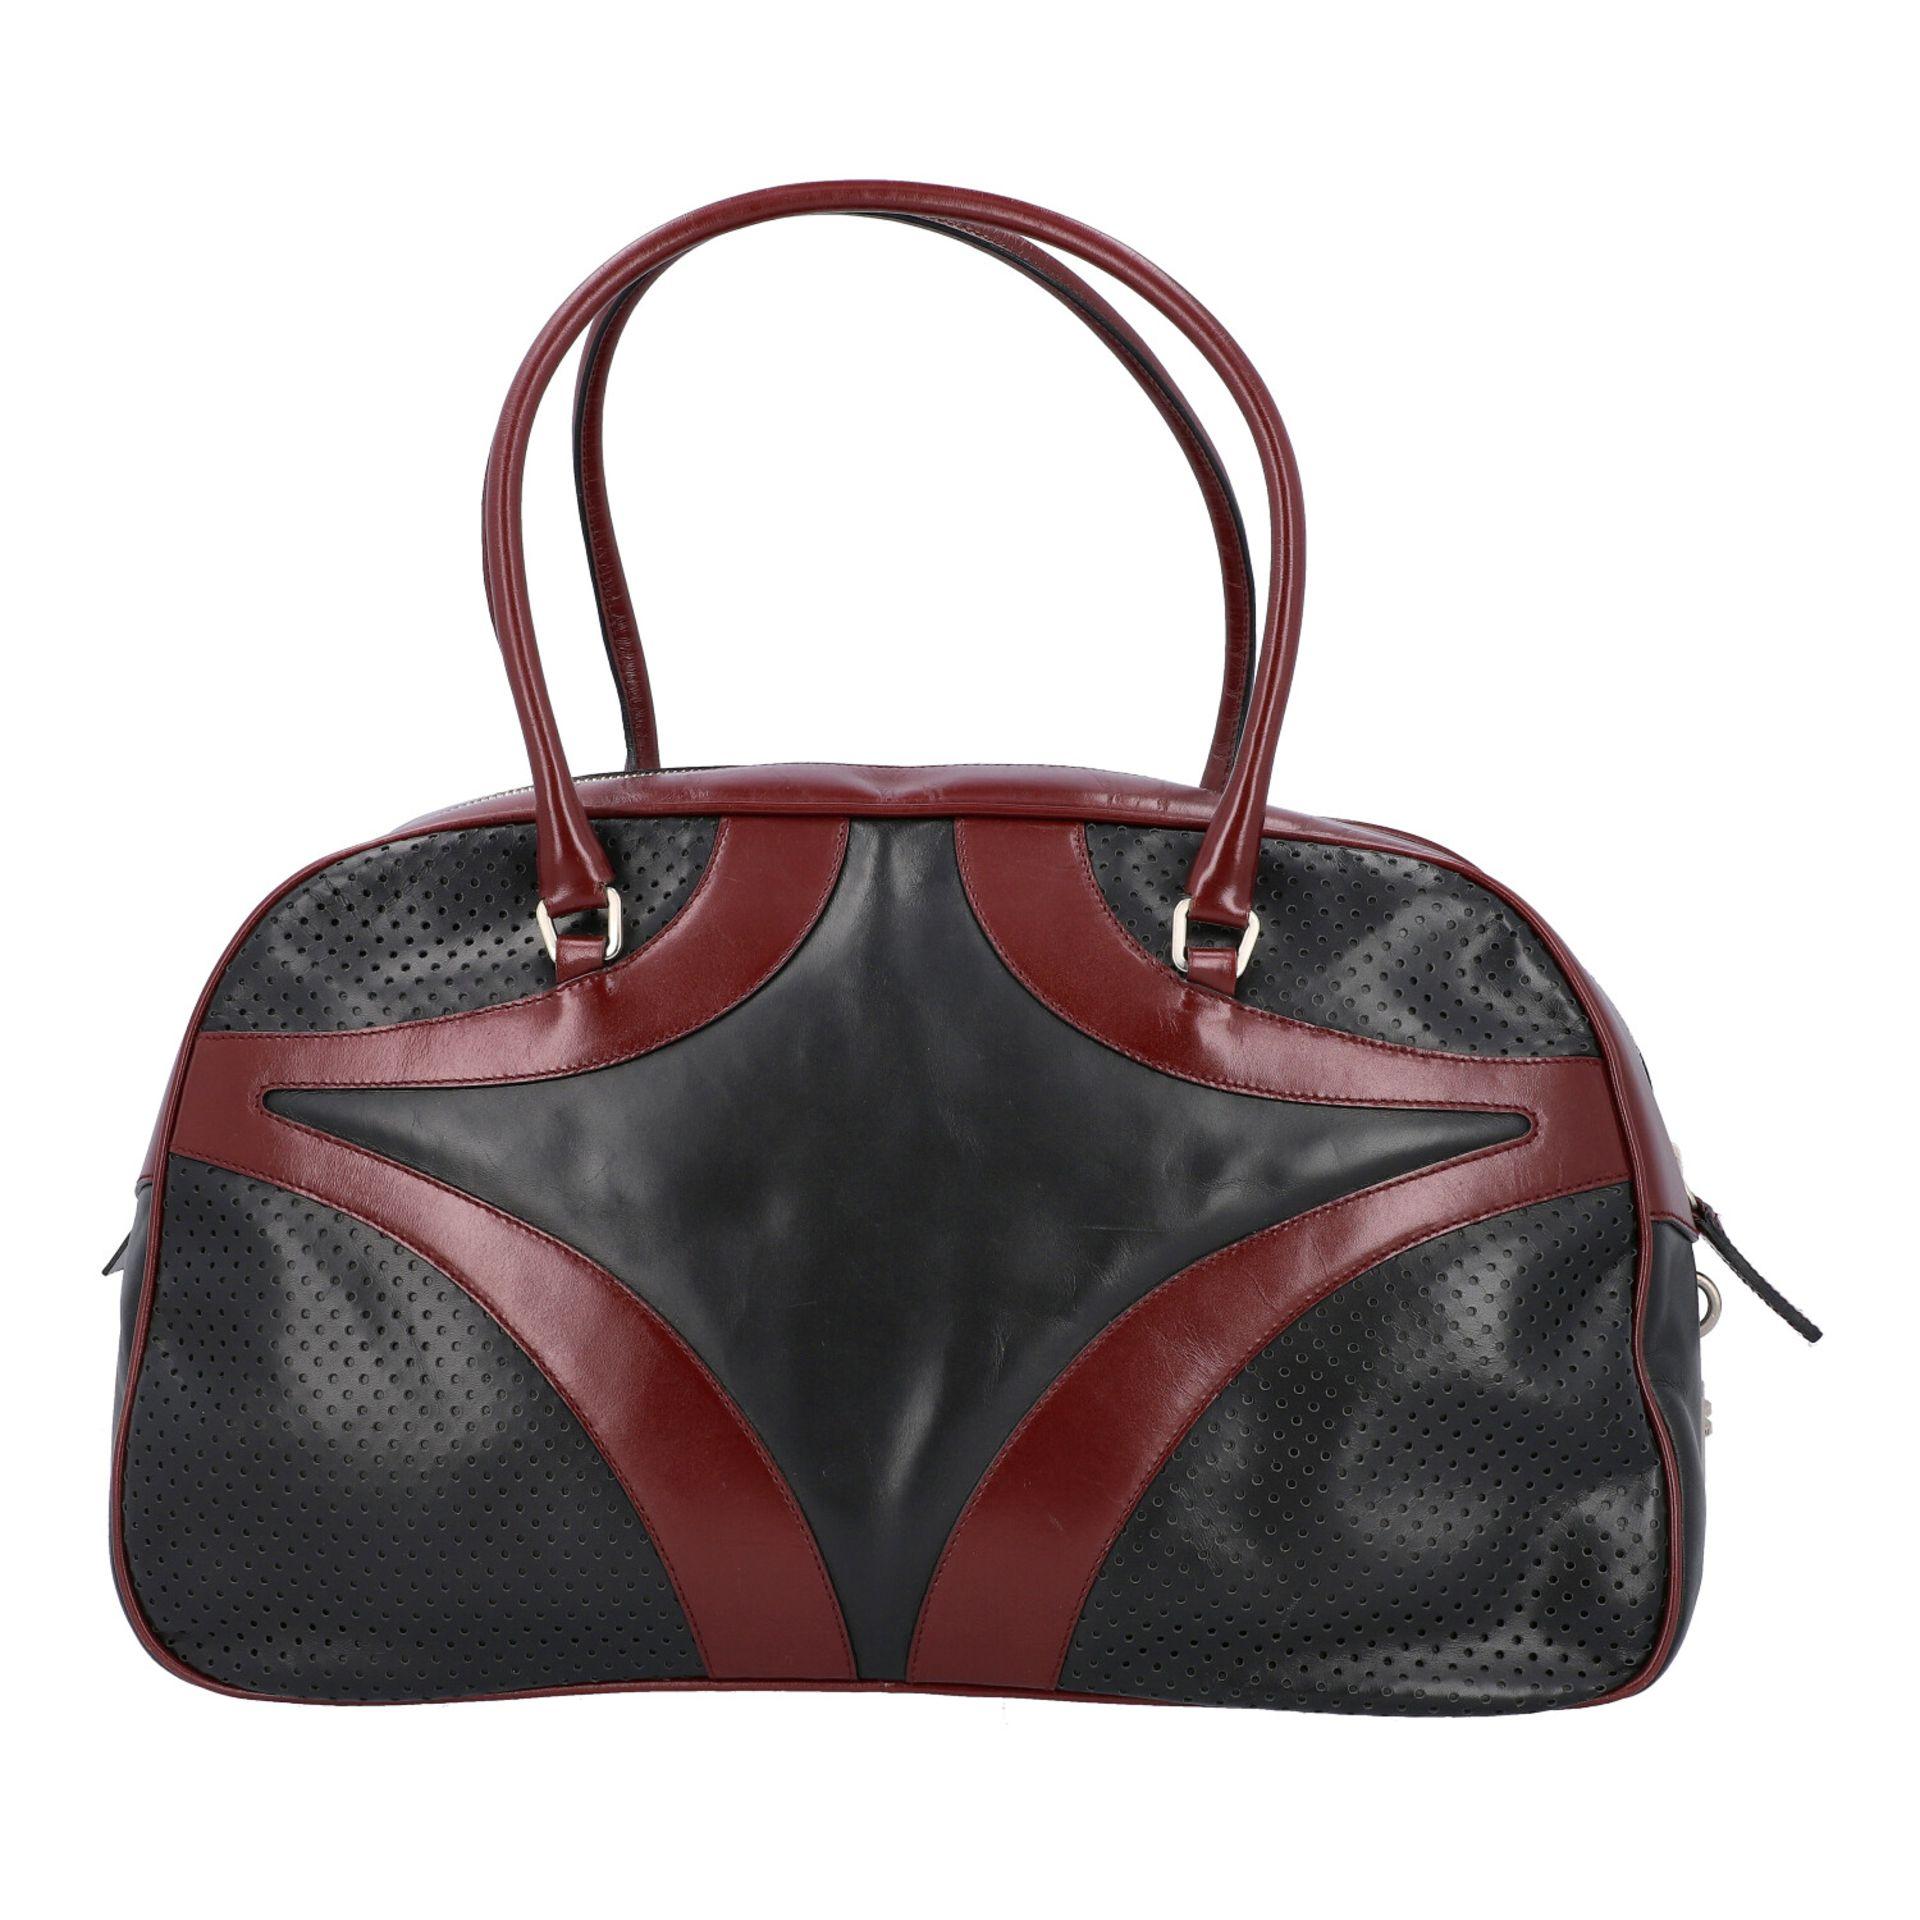 PRADA Handtasche. Glattleder in Schwarz und Bordeaux mit silberfarbener Hardware, umla